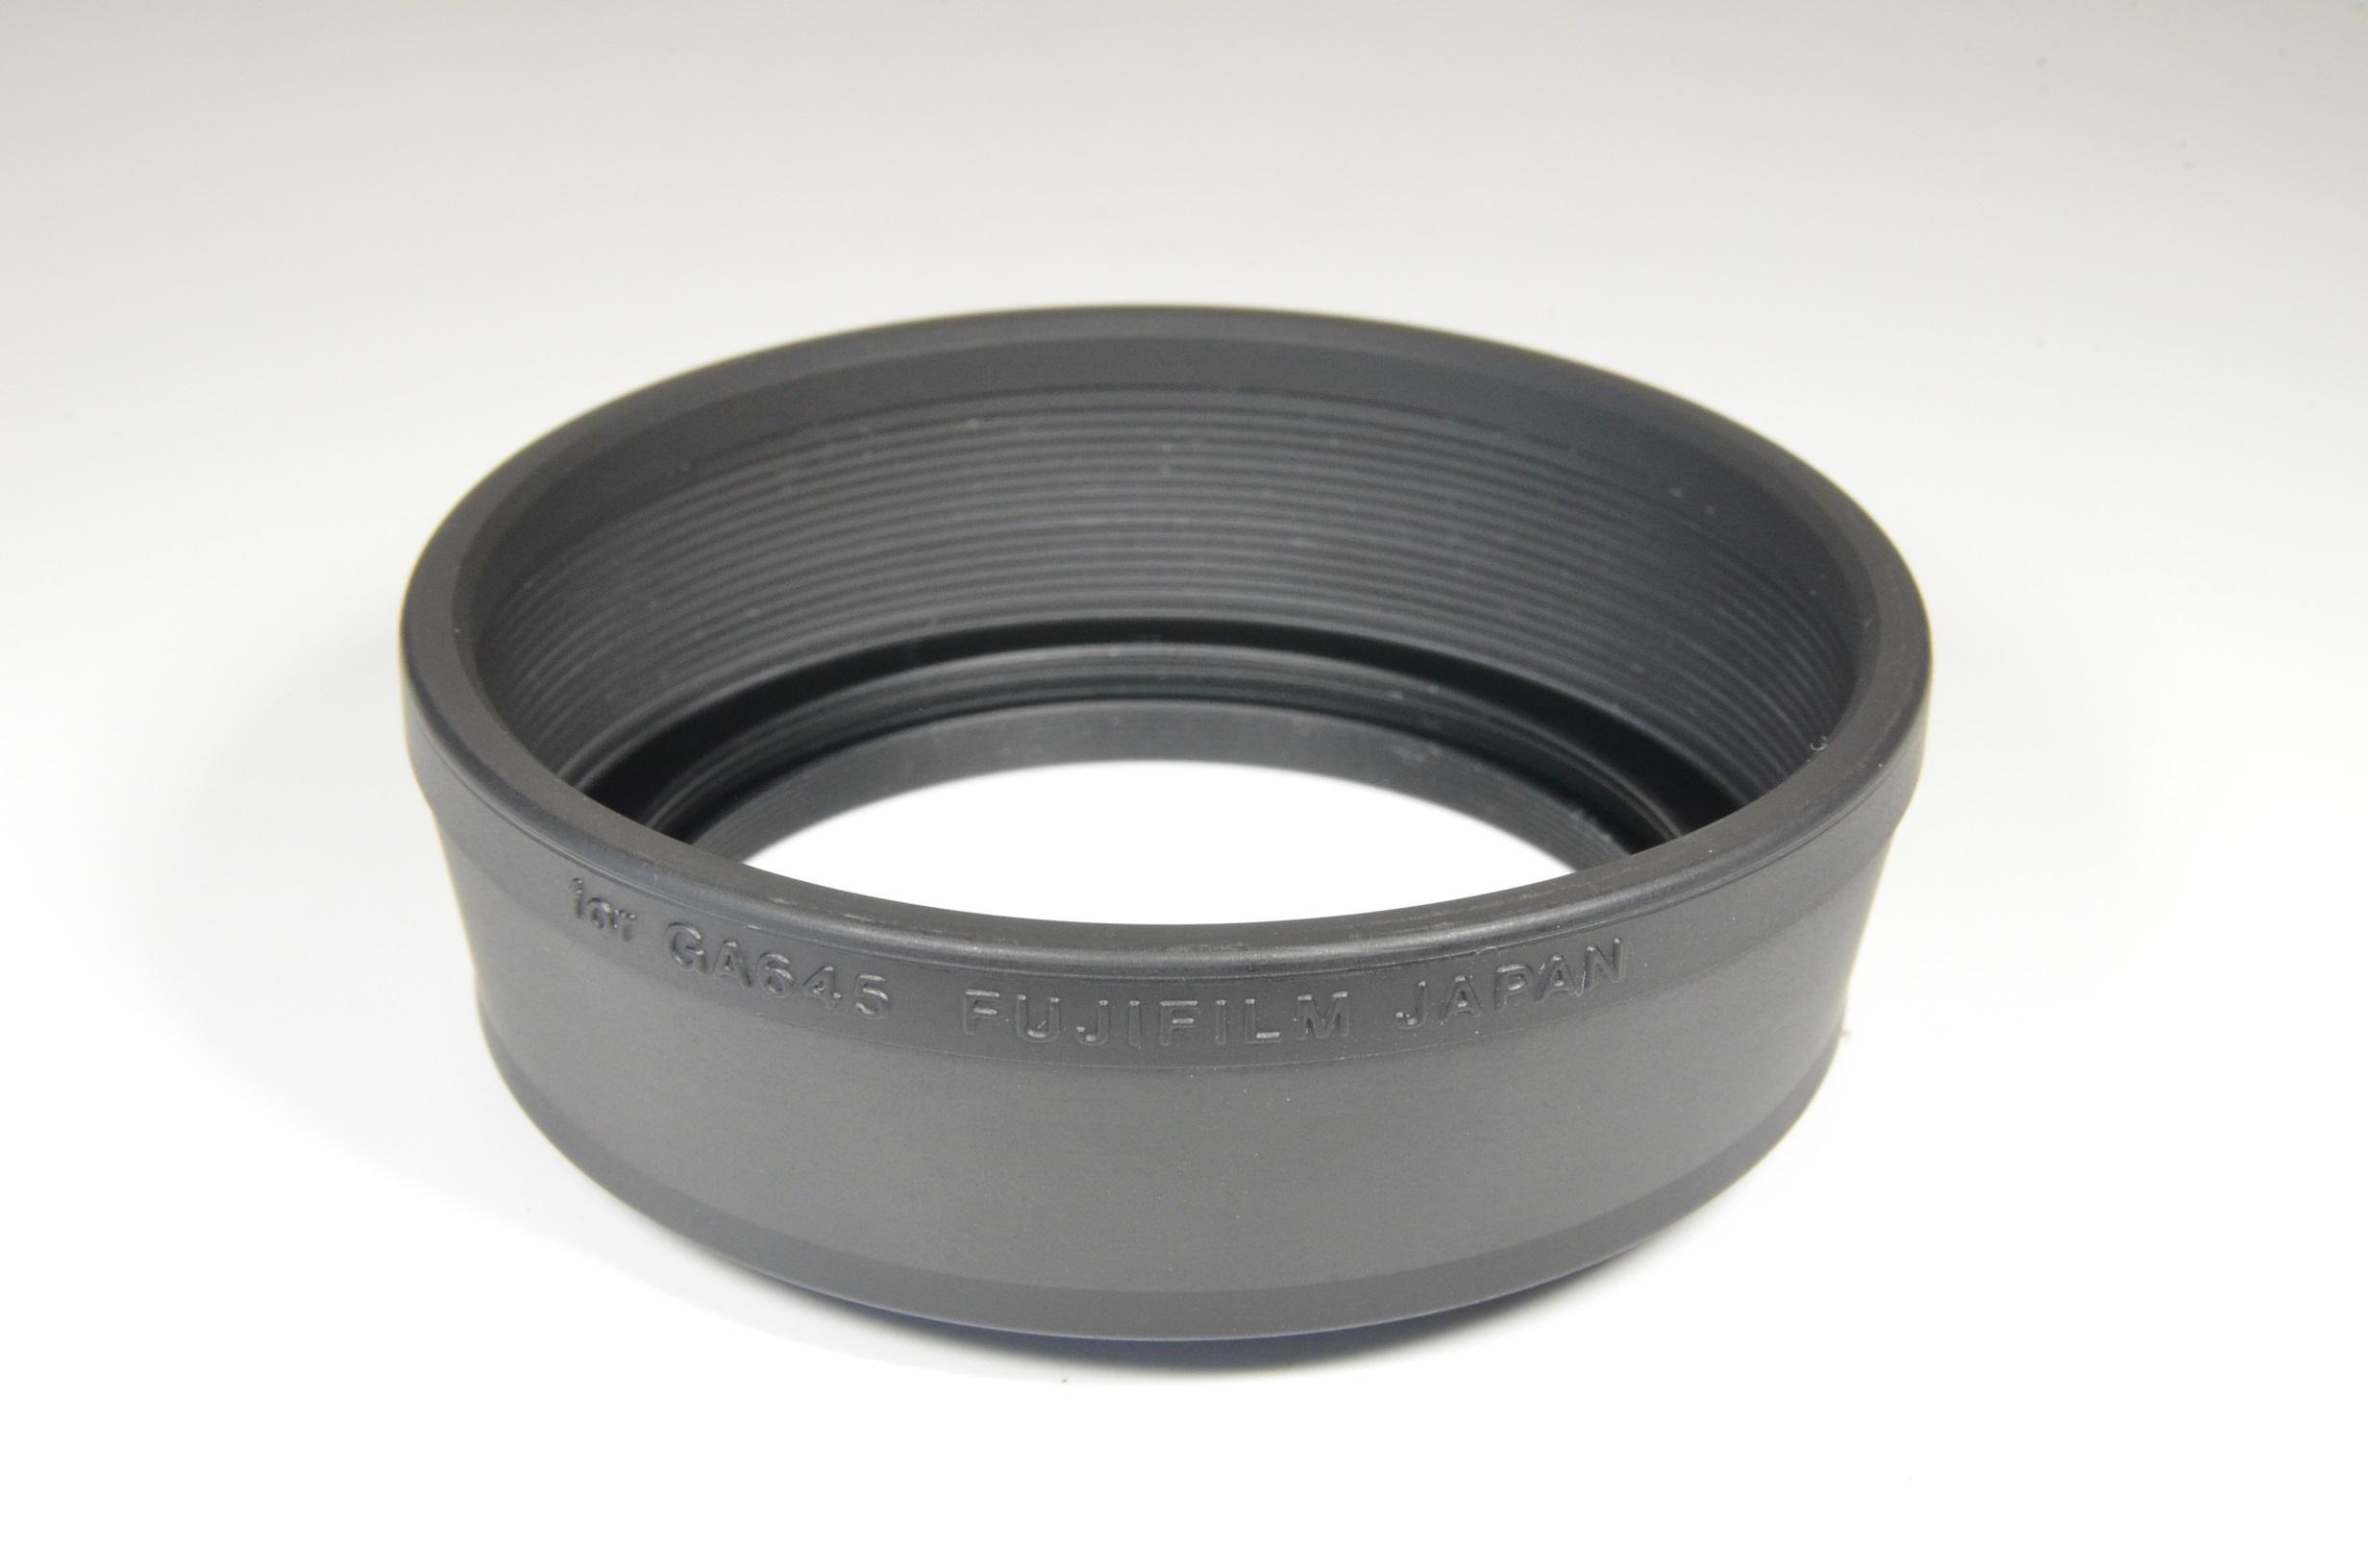 fuji fujifilm lens hood for ga645 film camera